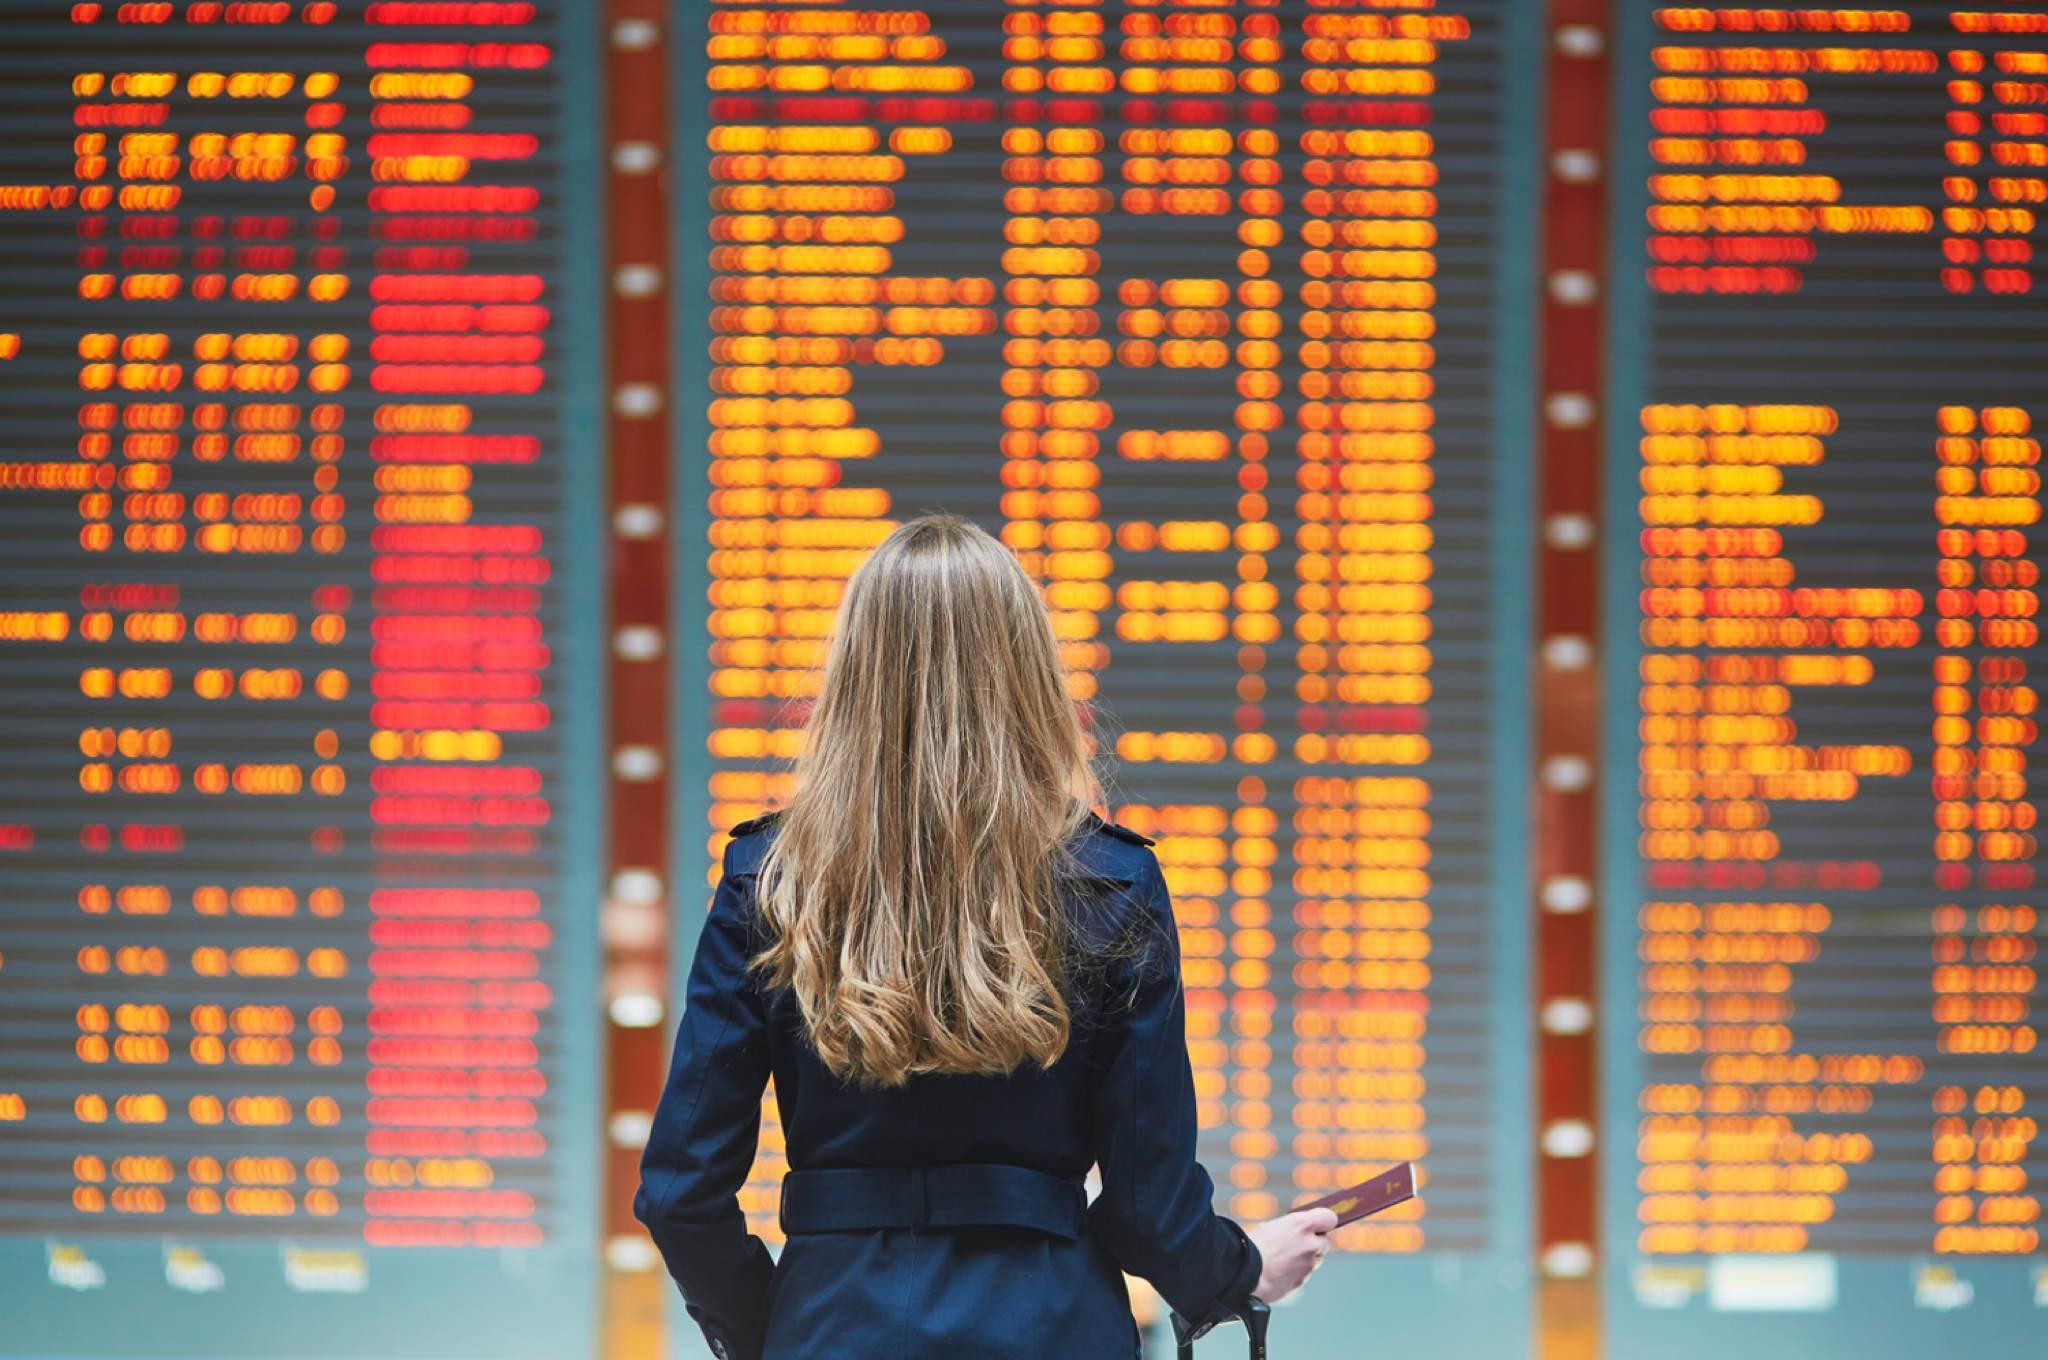 Über drei Stunden verspäteter Flug: Ihr Anrecht auf Entschädigung - Delayed flight - woman looks at departure board